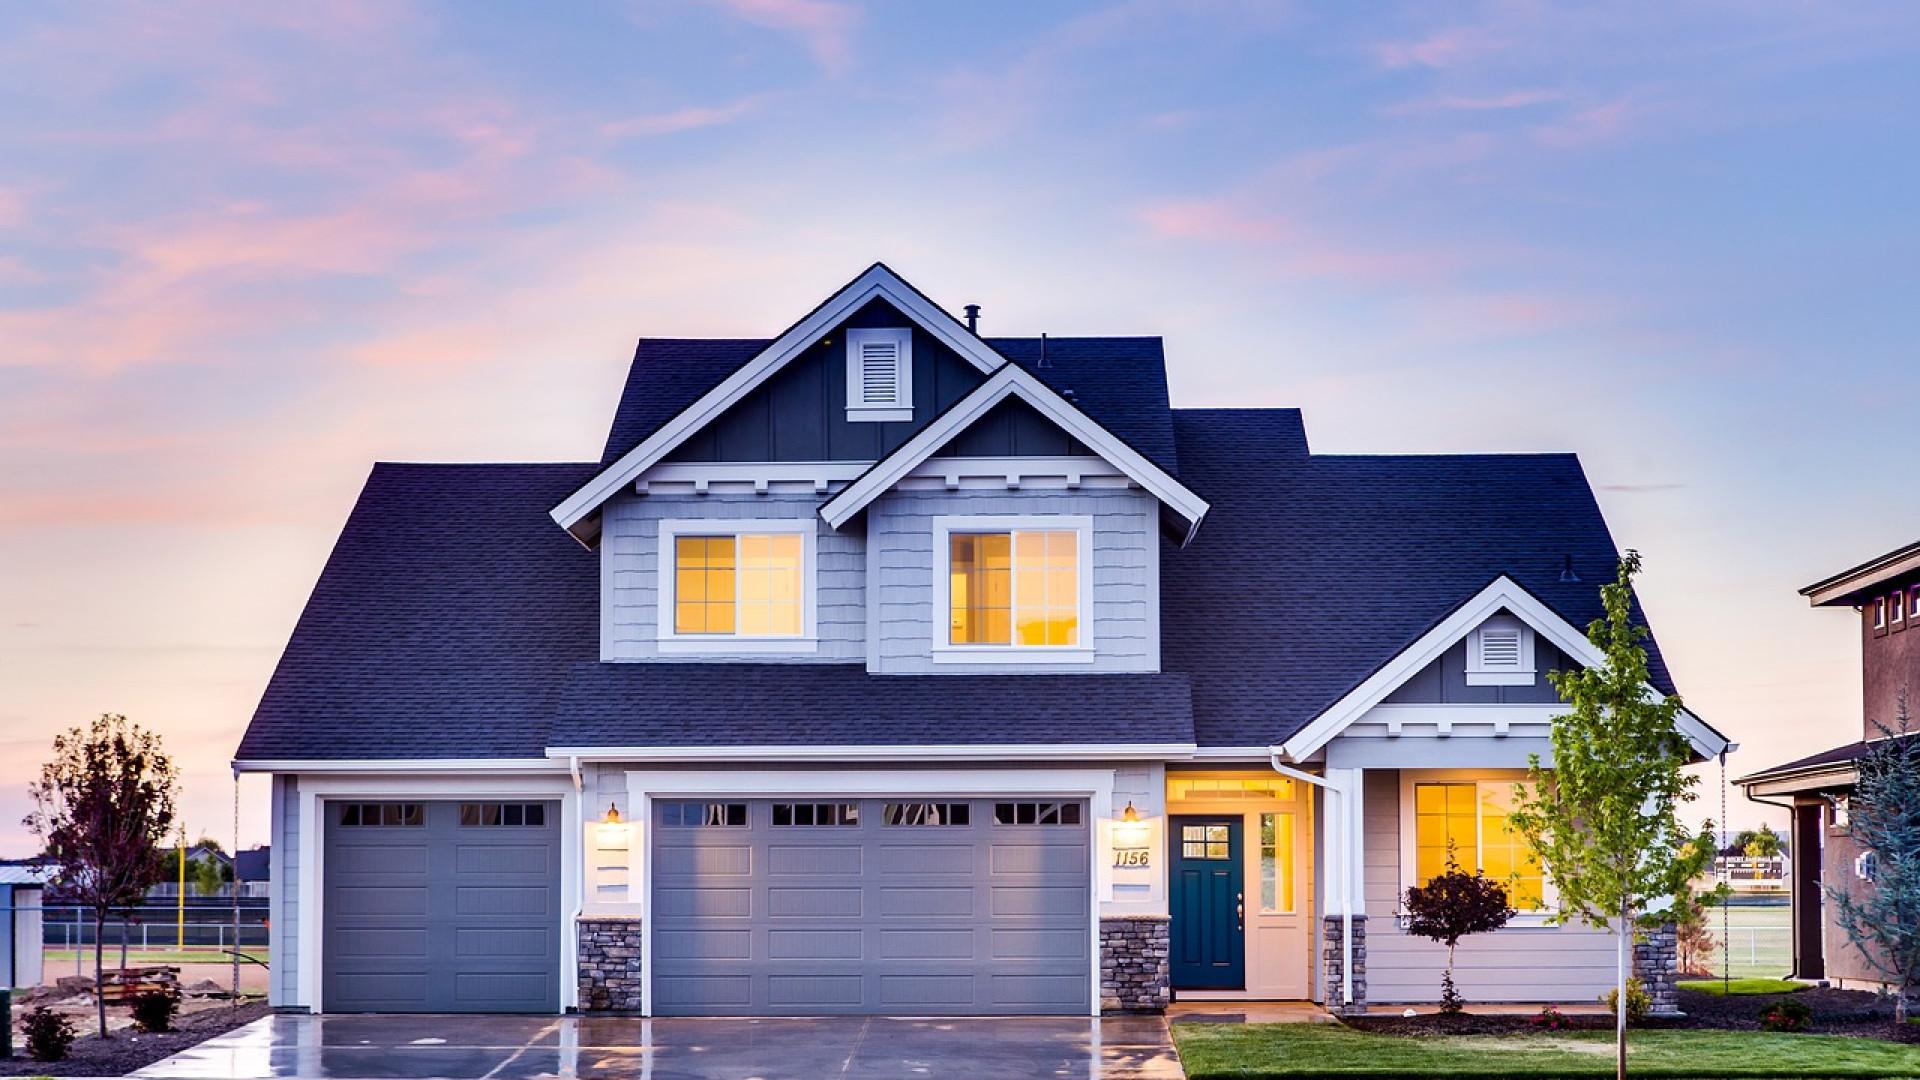 Surendettement pour un propriétaire, quelles sont les options ?